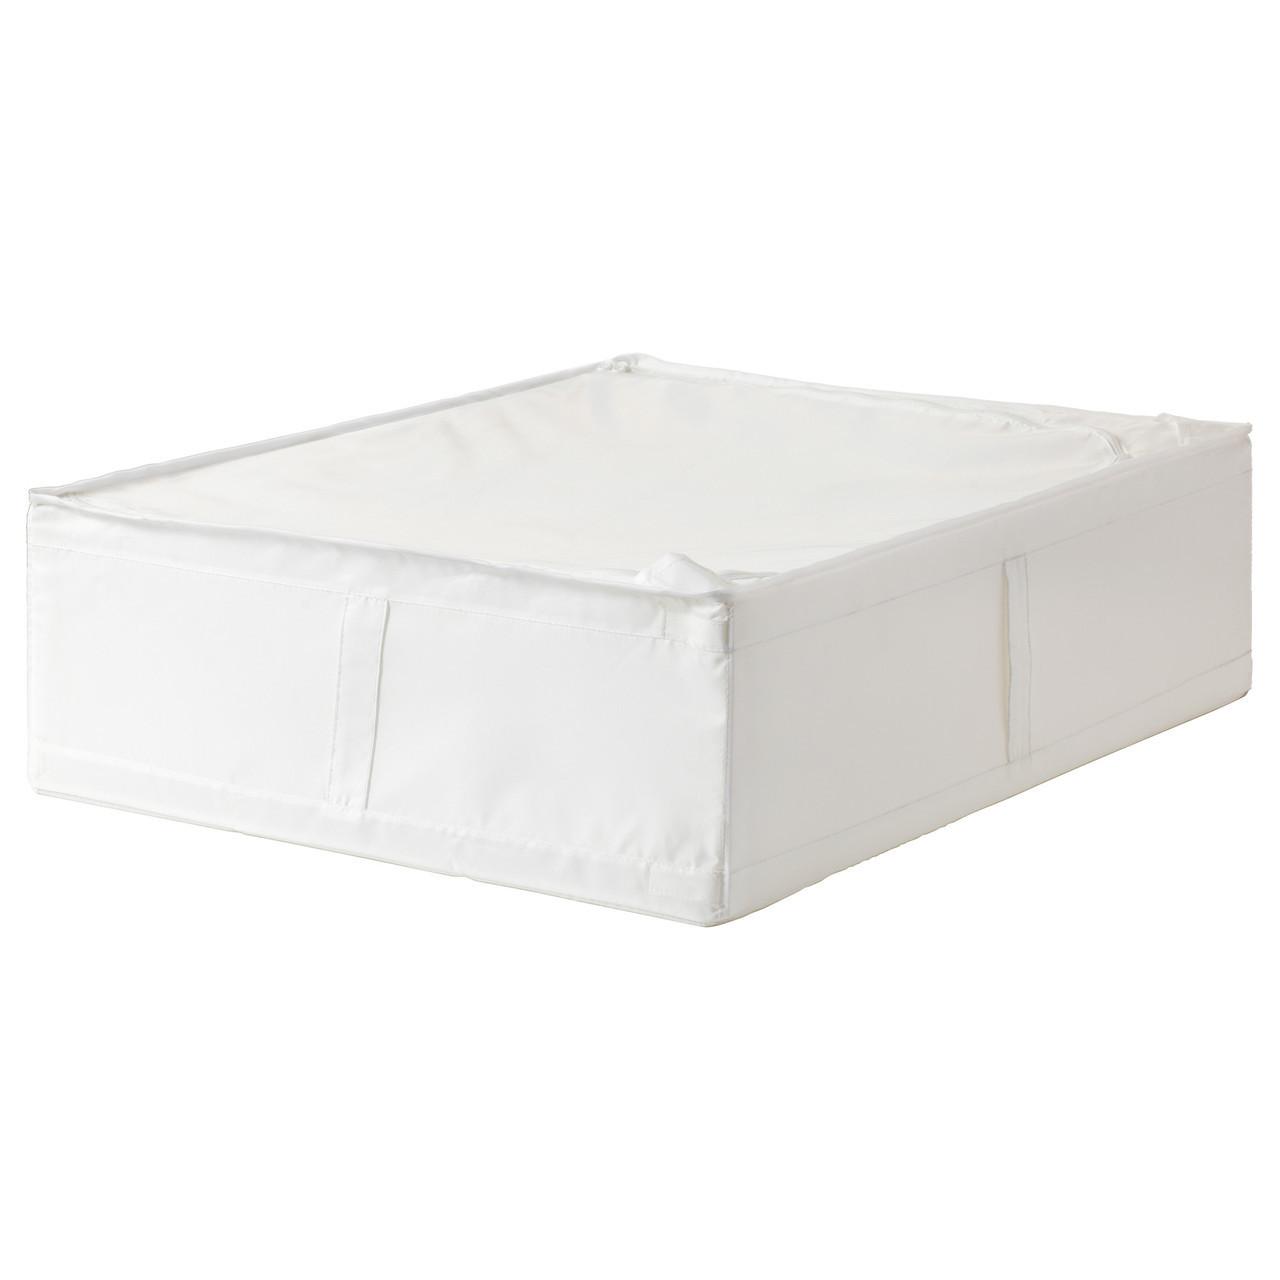 SKUBB Контейнер на одежду/постельное белье, белый 902.949.89